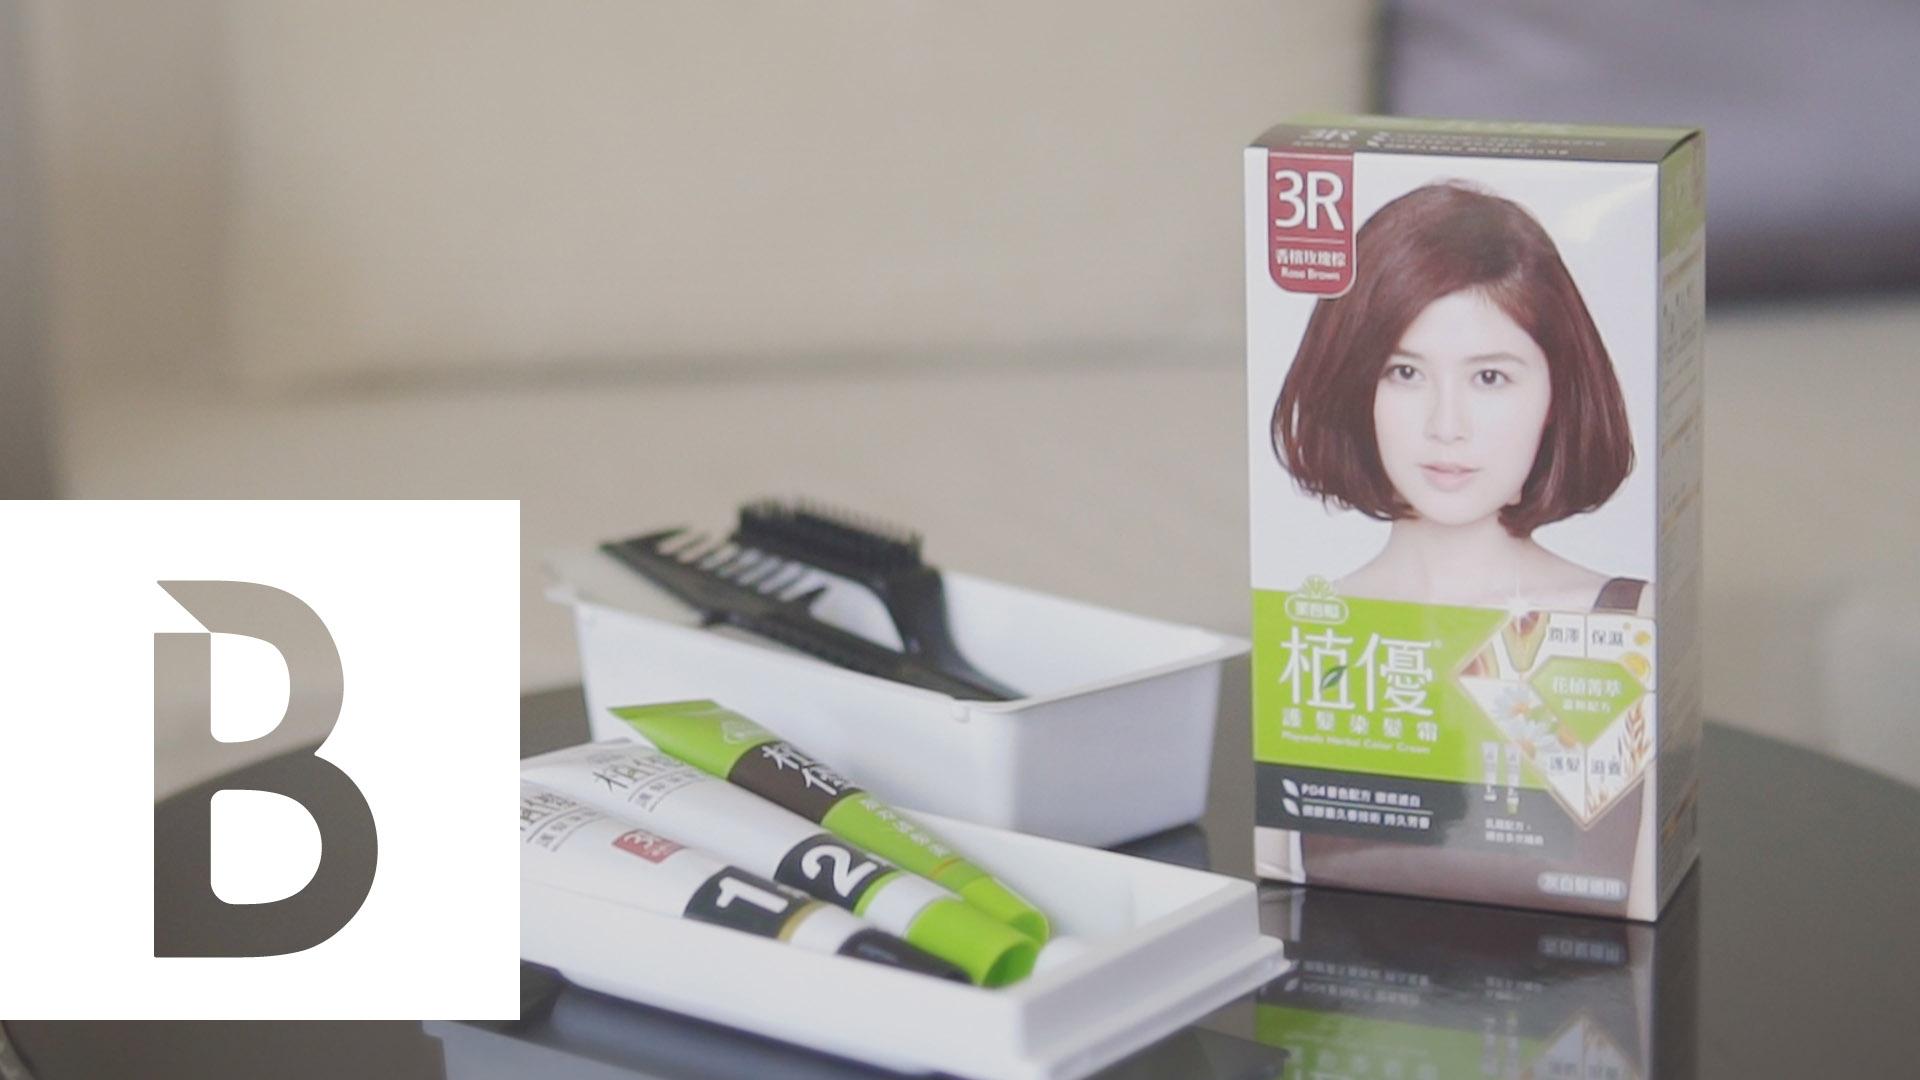 居家染髮好簡單!專業髮型師教你6大步驟,輕鬆擺脫白髮族困擾 | Bella Taiwan